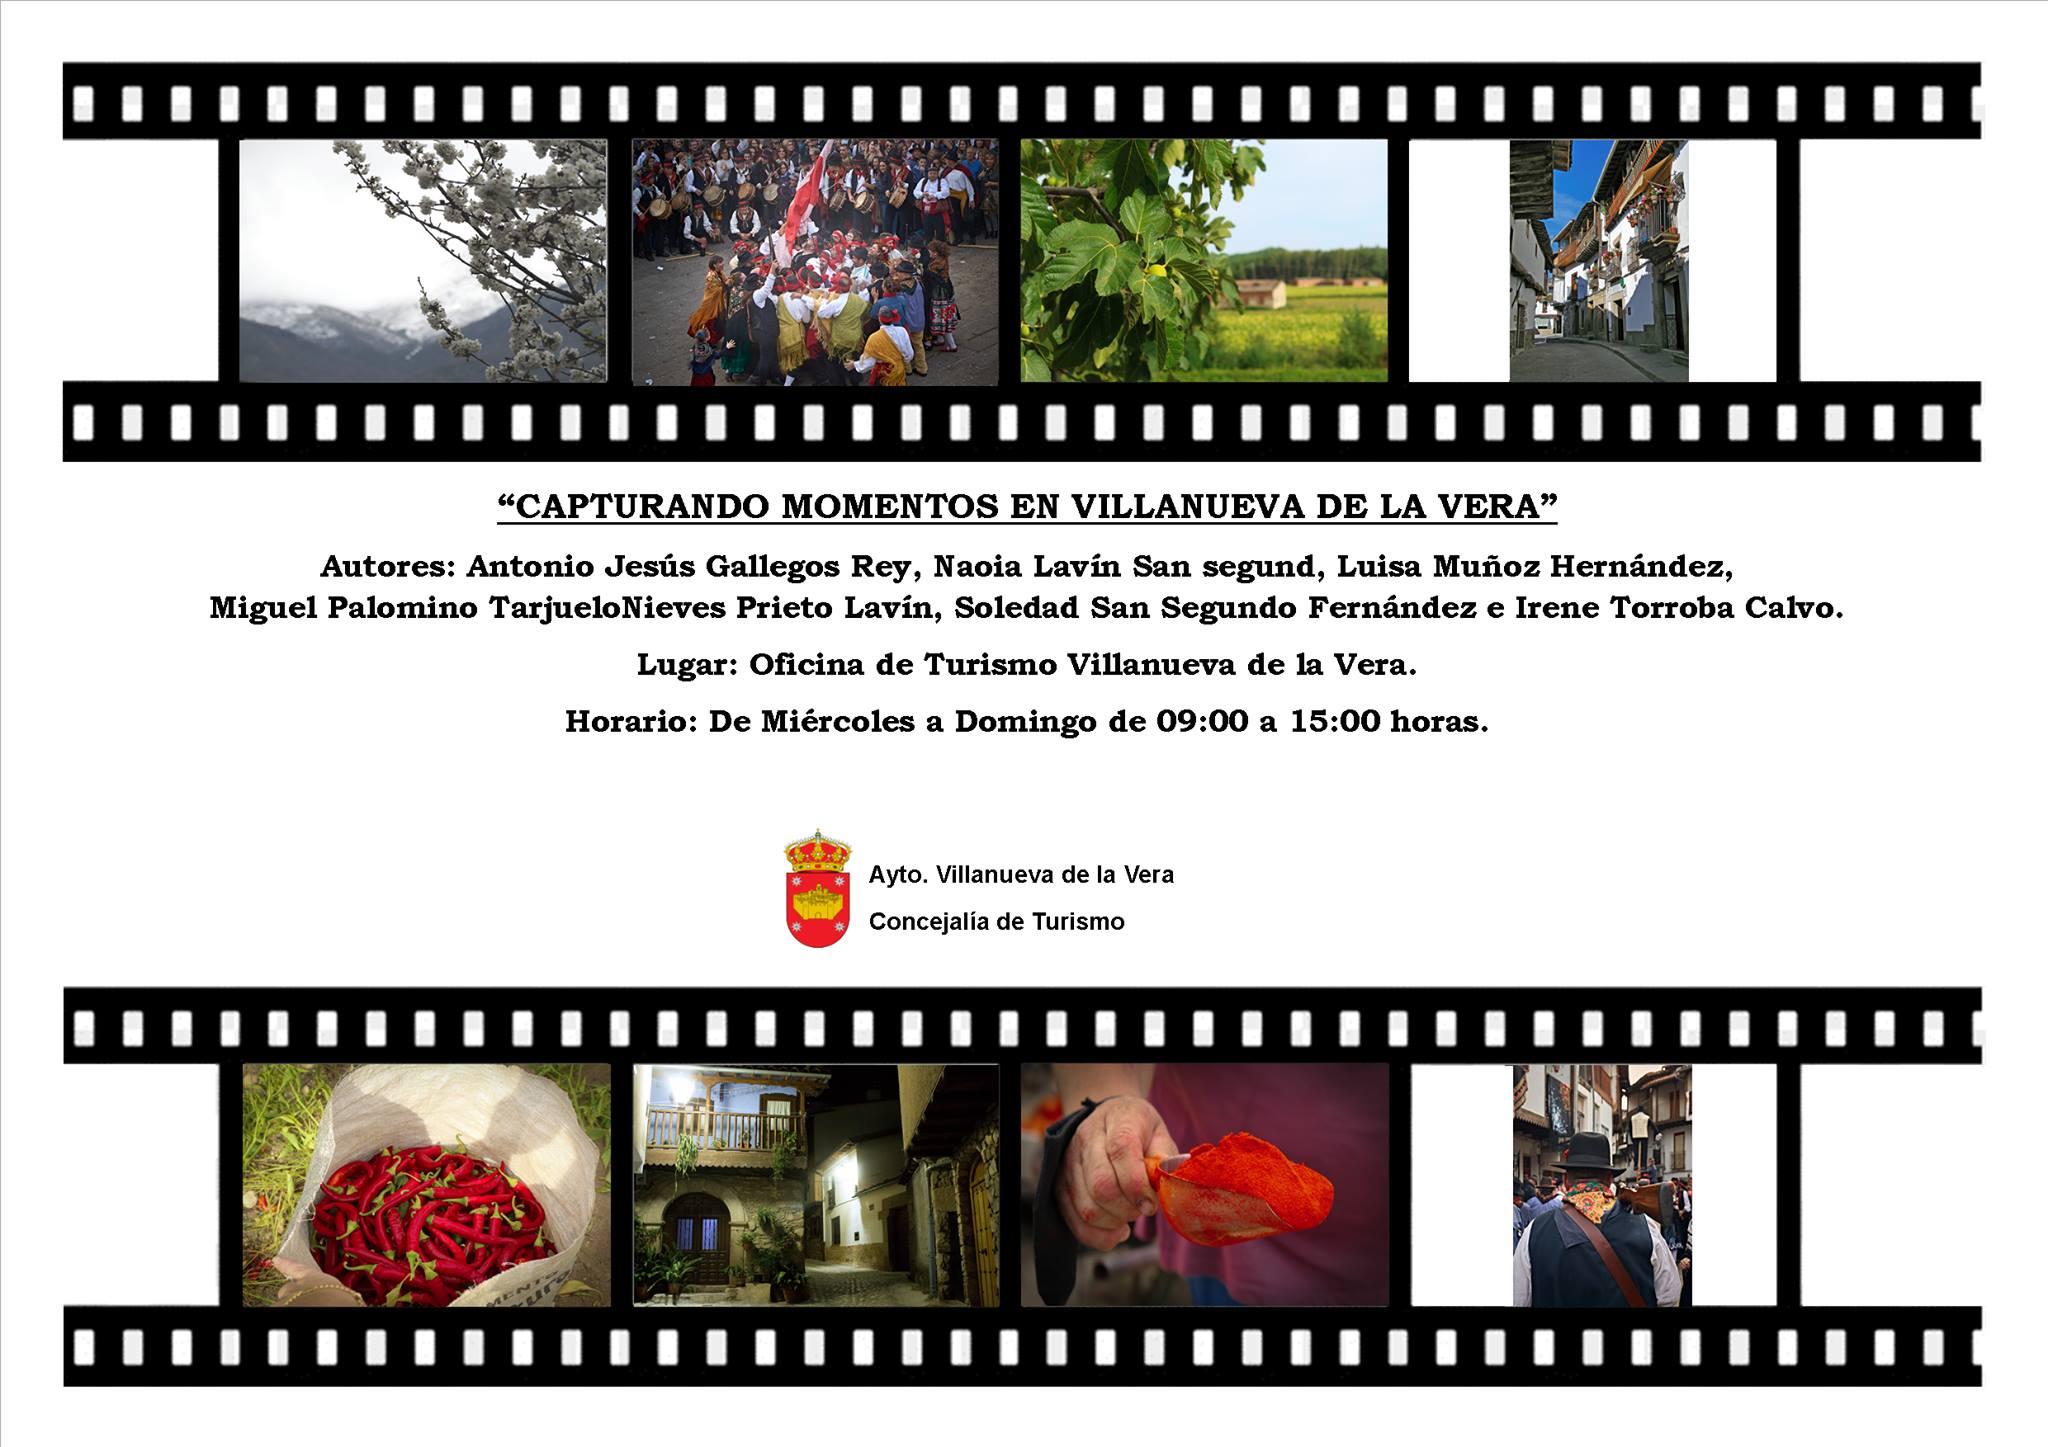 Exposición fotográfica Capturando momentos (2021) - Villanueva de la Vera (Cáceres)